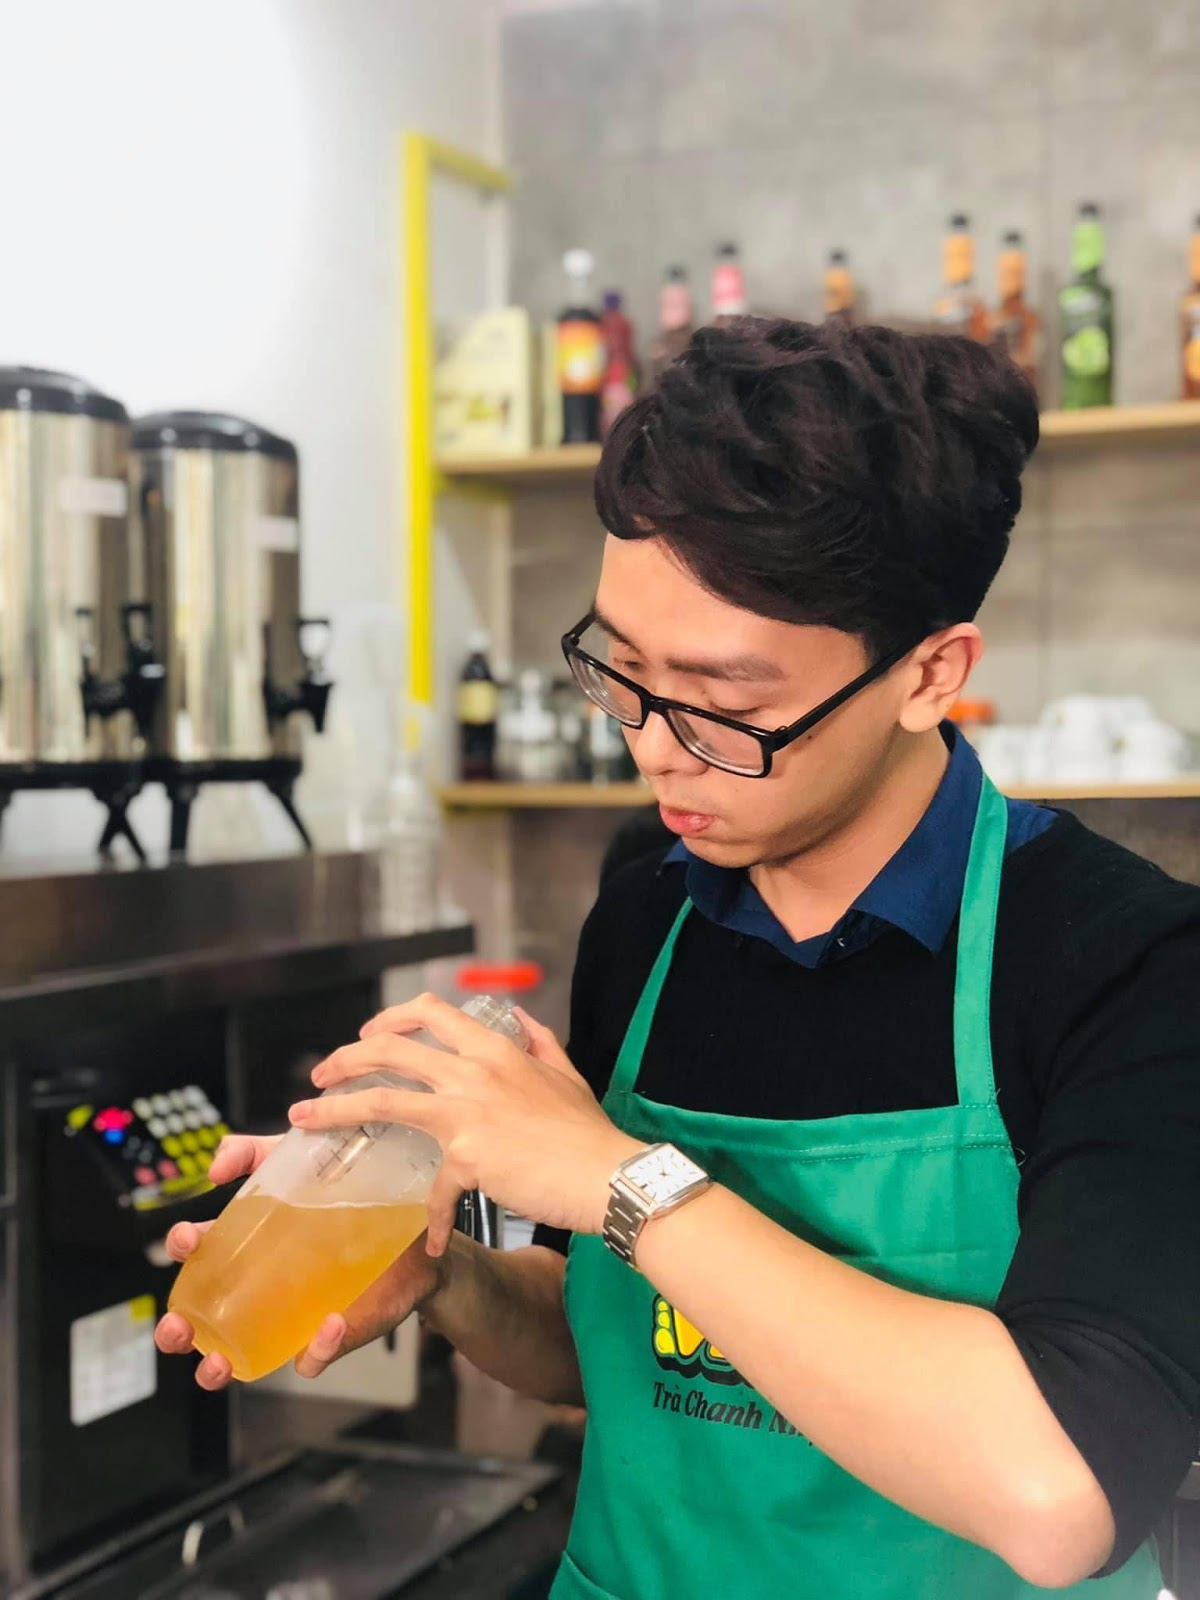 Theo thống kê chất lượng đồ uống quán trà chanh & sẽ chiếm từ 30-35% thành công của 1 quán